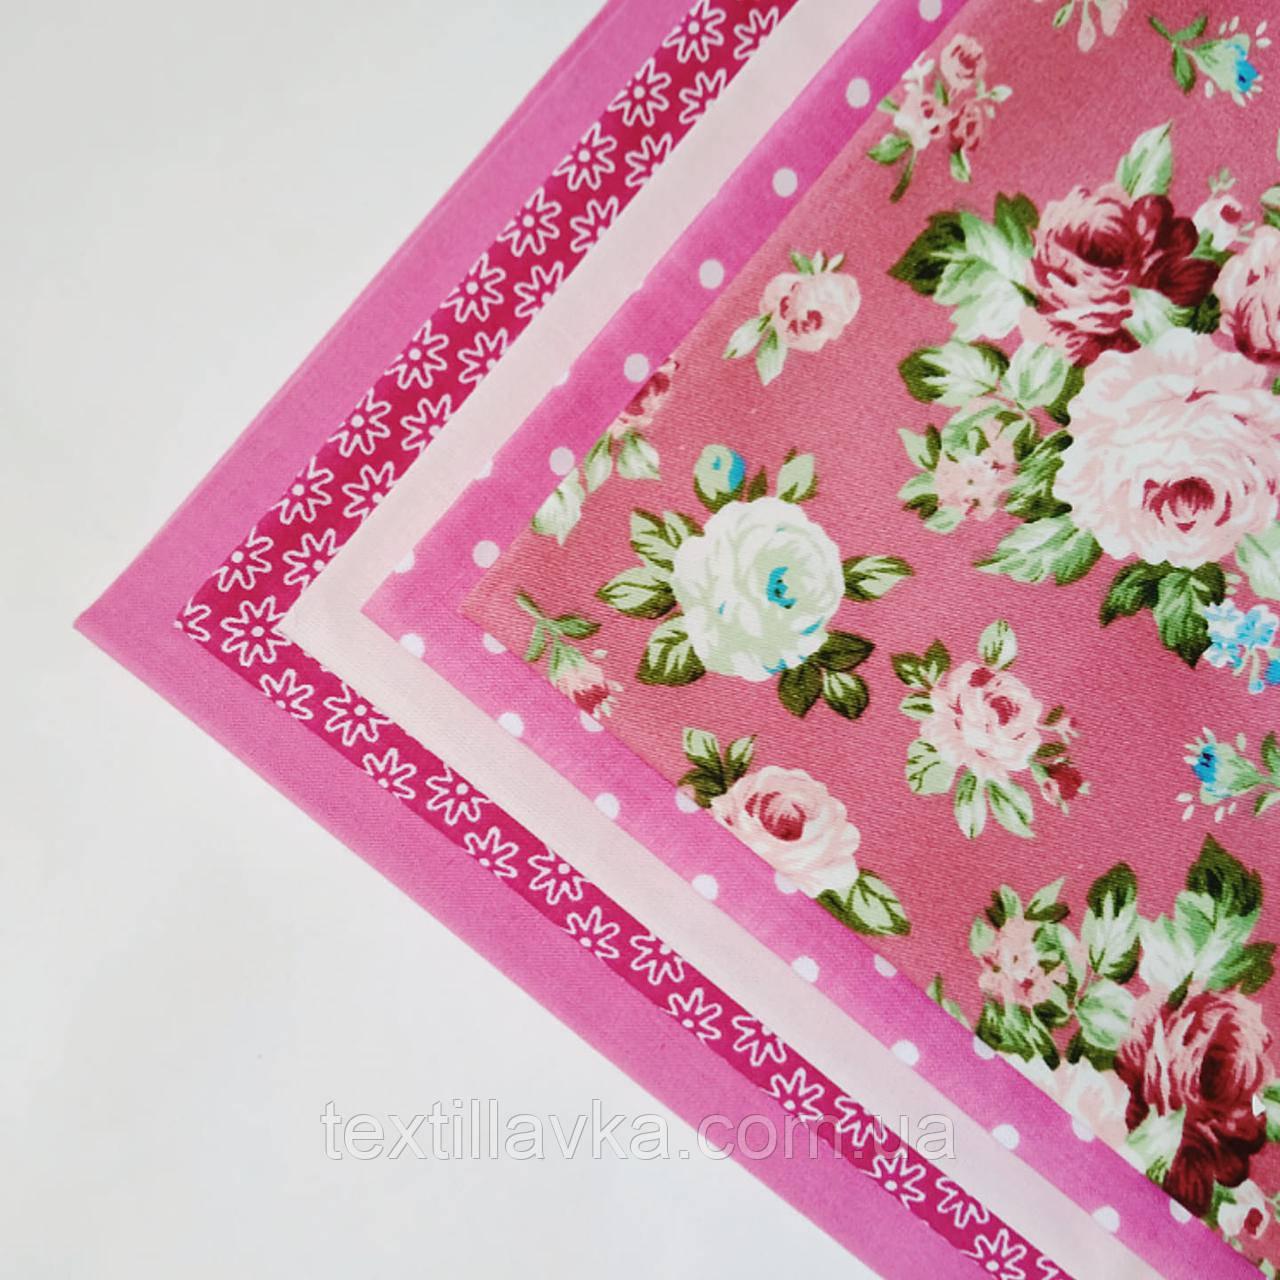 """Набор ткани для рукоделия """"Розовый жемчуг"""" из 5 шт."""